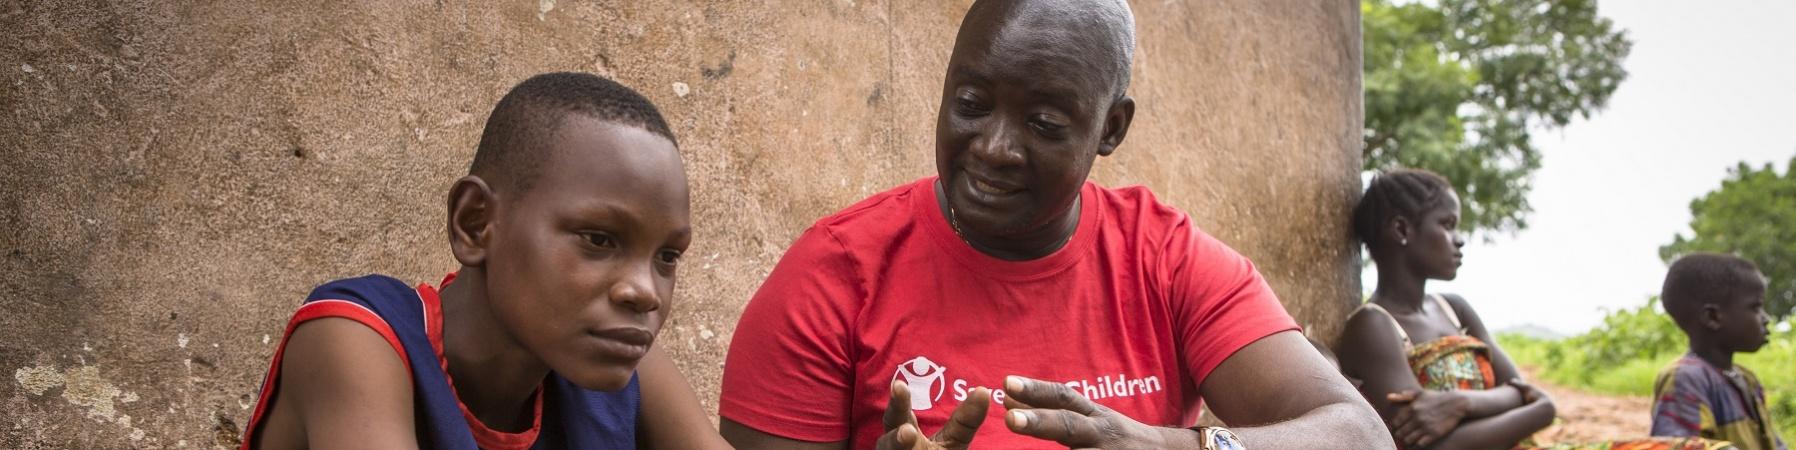 Operatore Save the Children parla con un ragazzo seduto